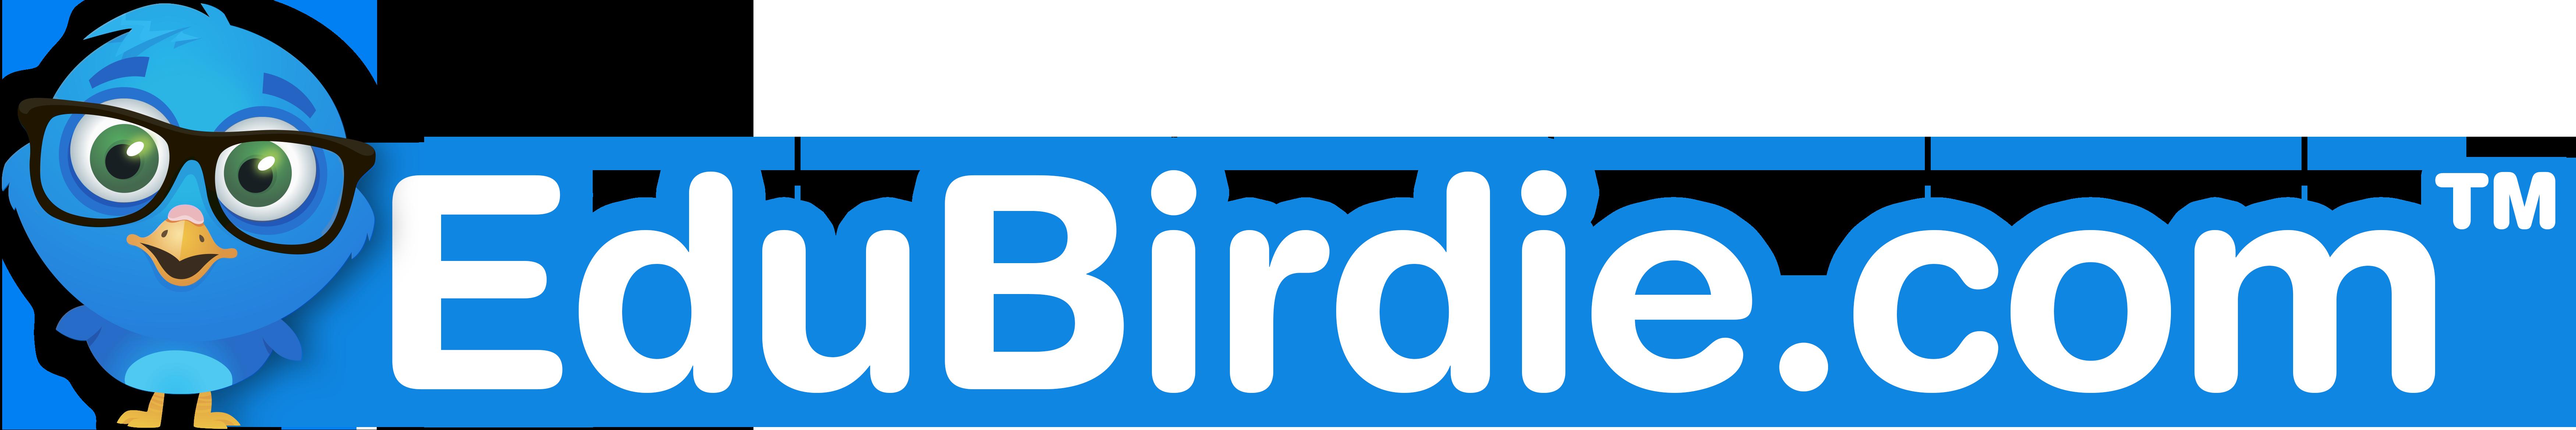 EduBirdie Logo for EduBirdie.com Reviews